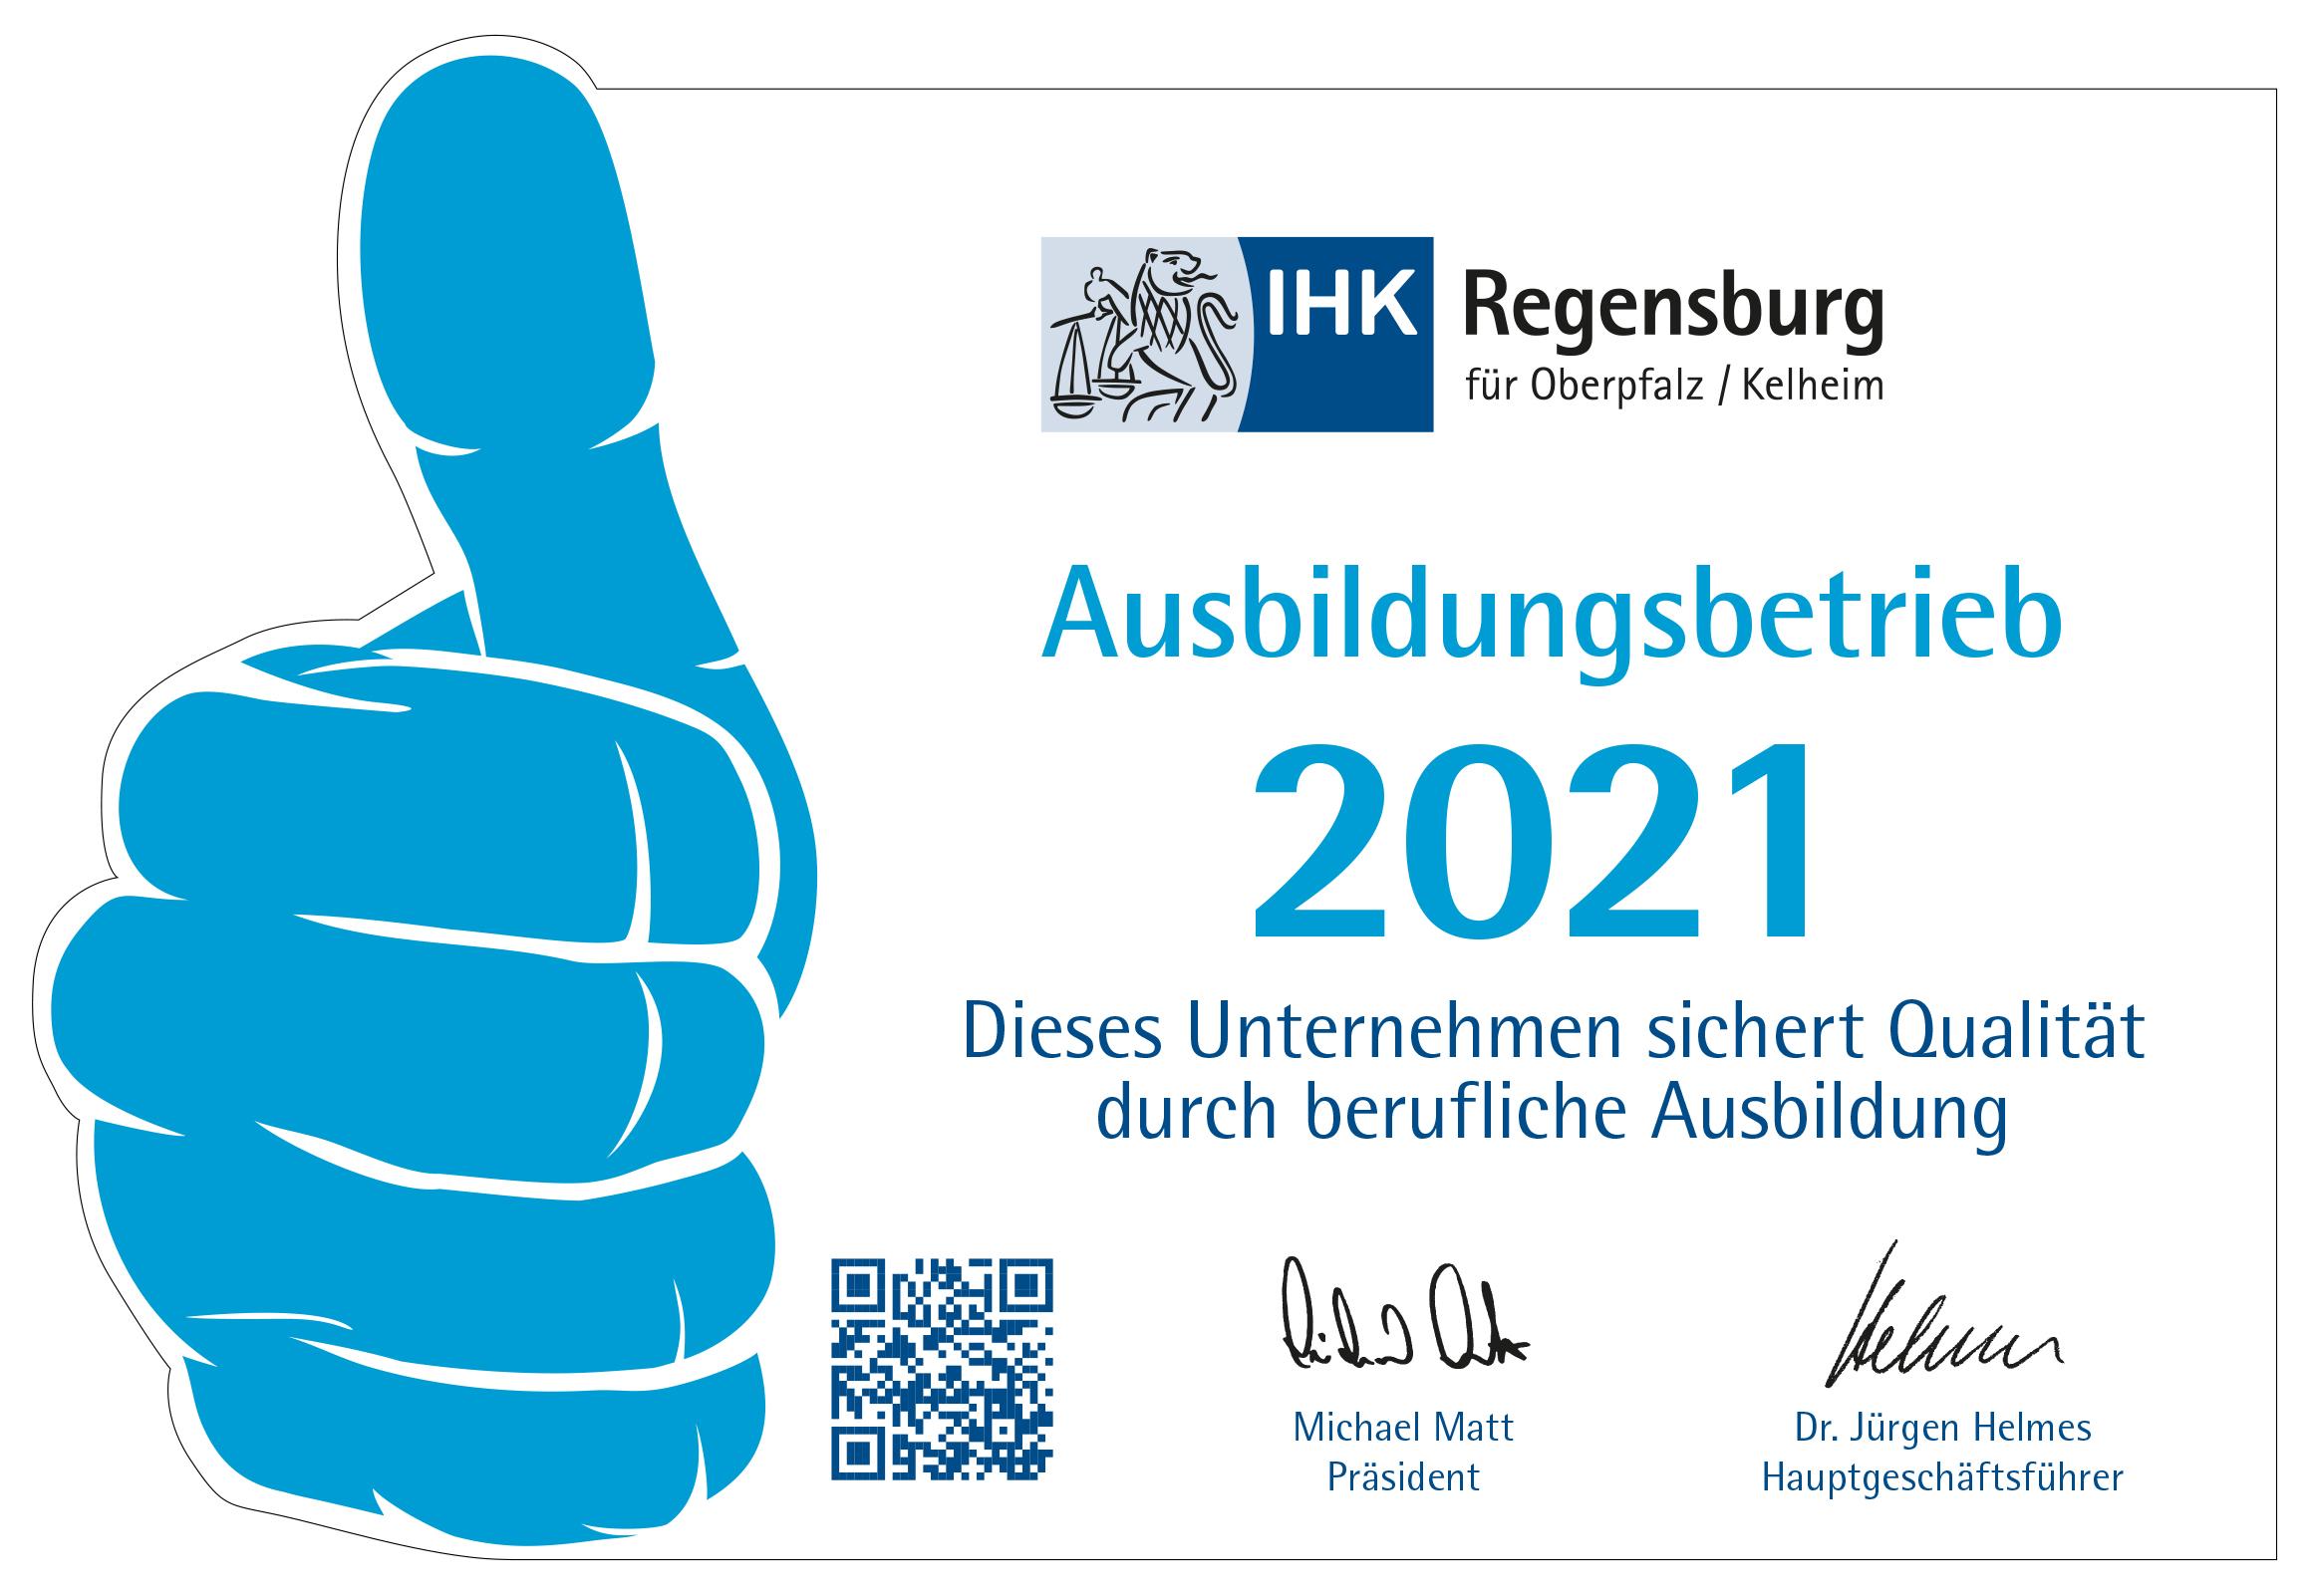 IHK Regensburg Ausbildungsbetrieb